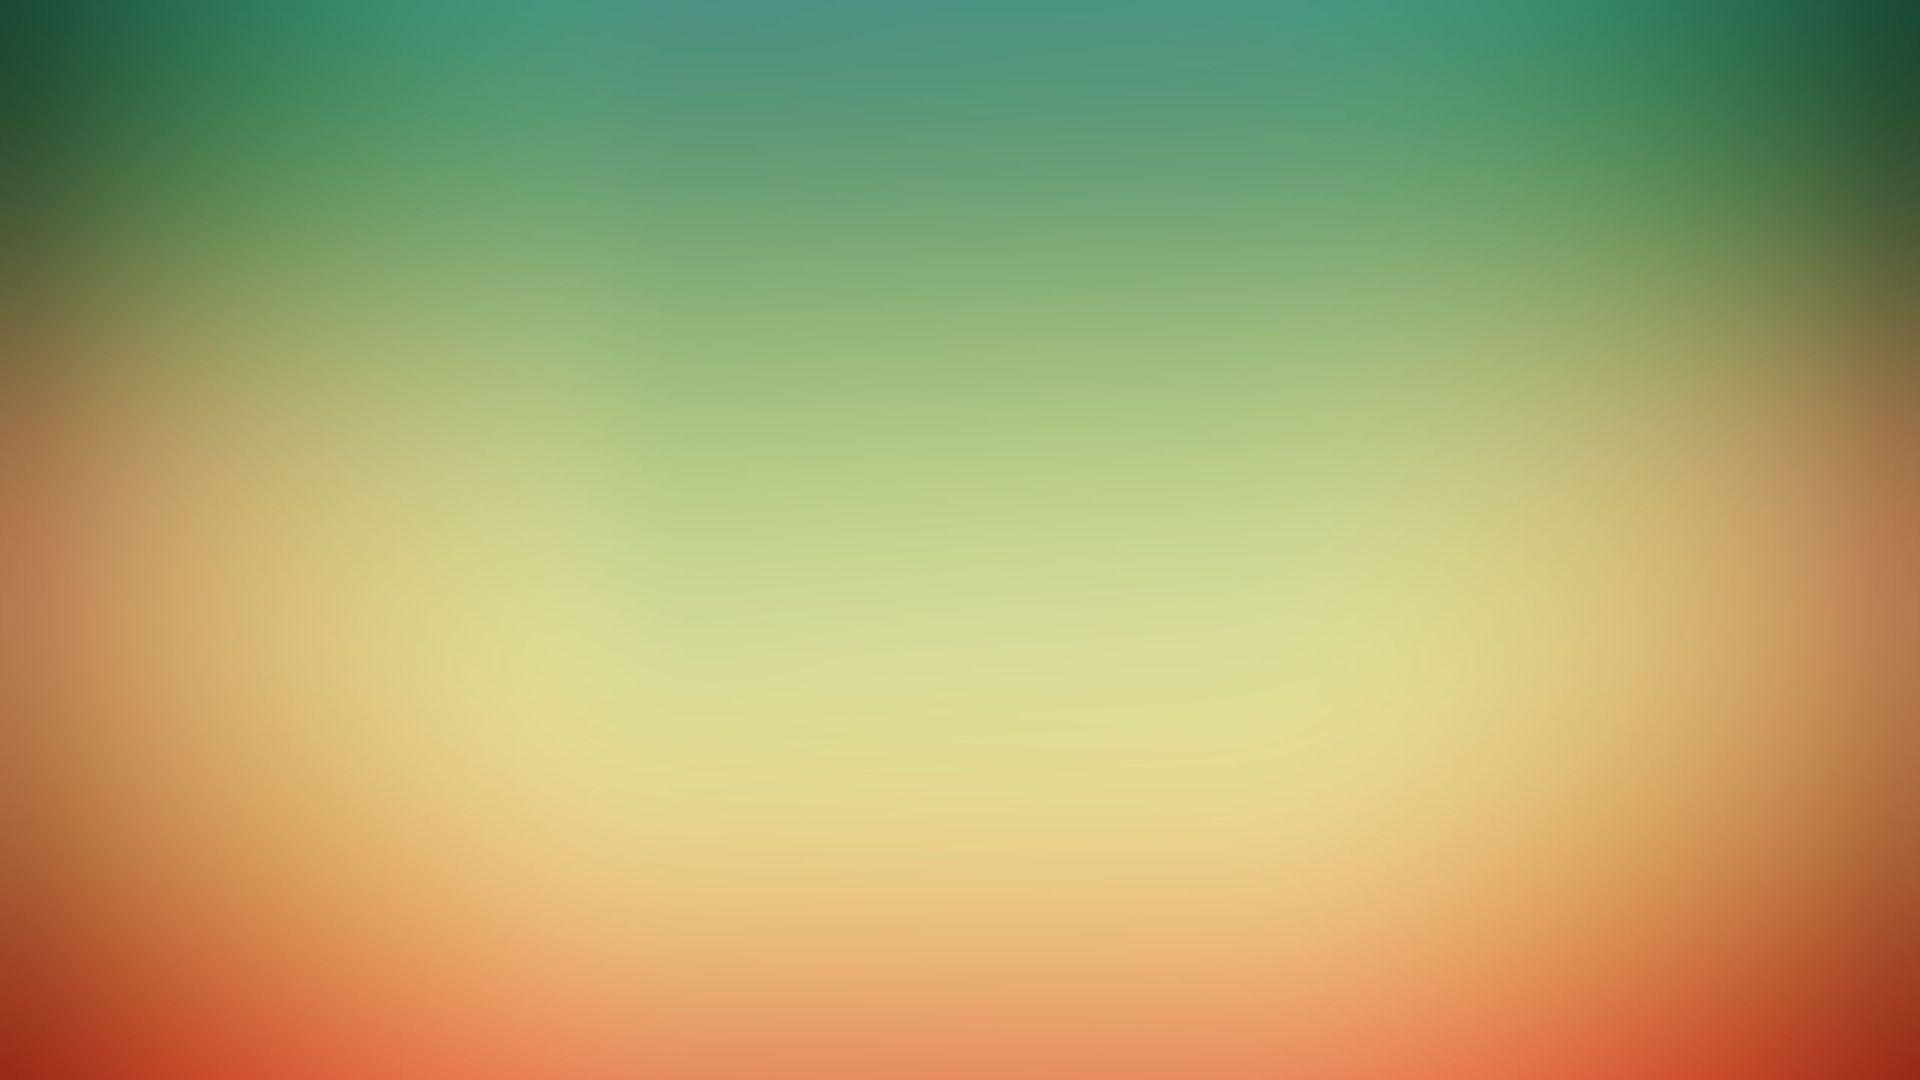 fonds d'écran blur : tous les wallpapers blur